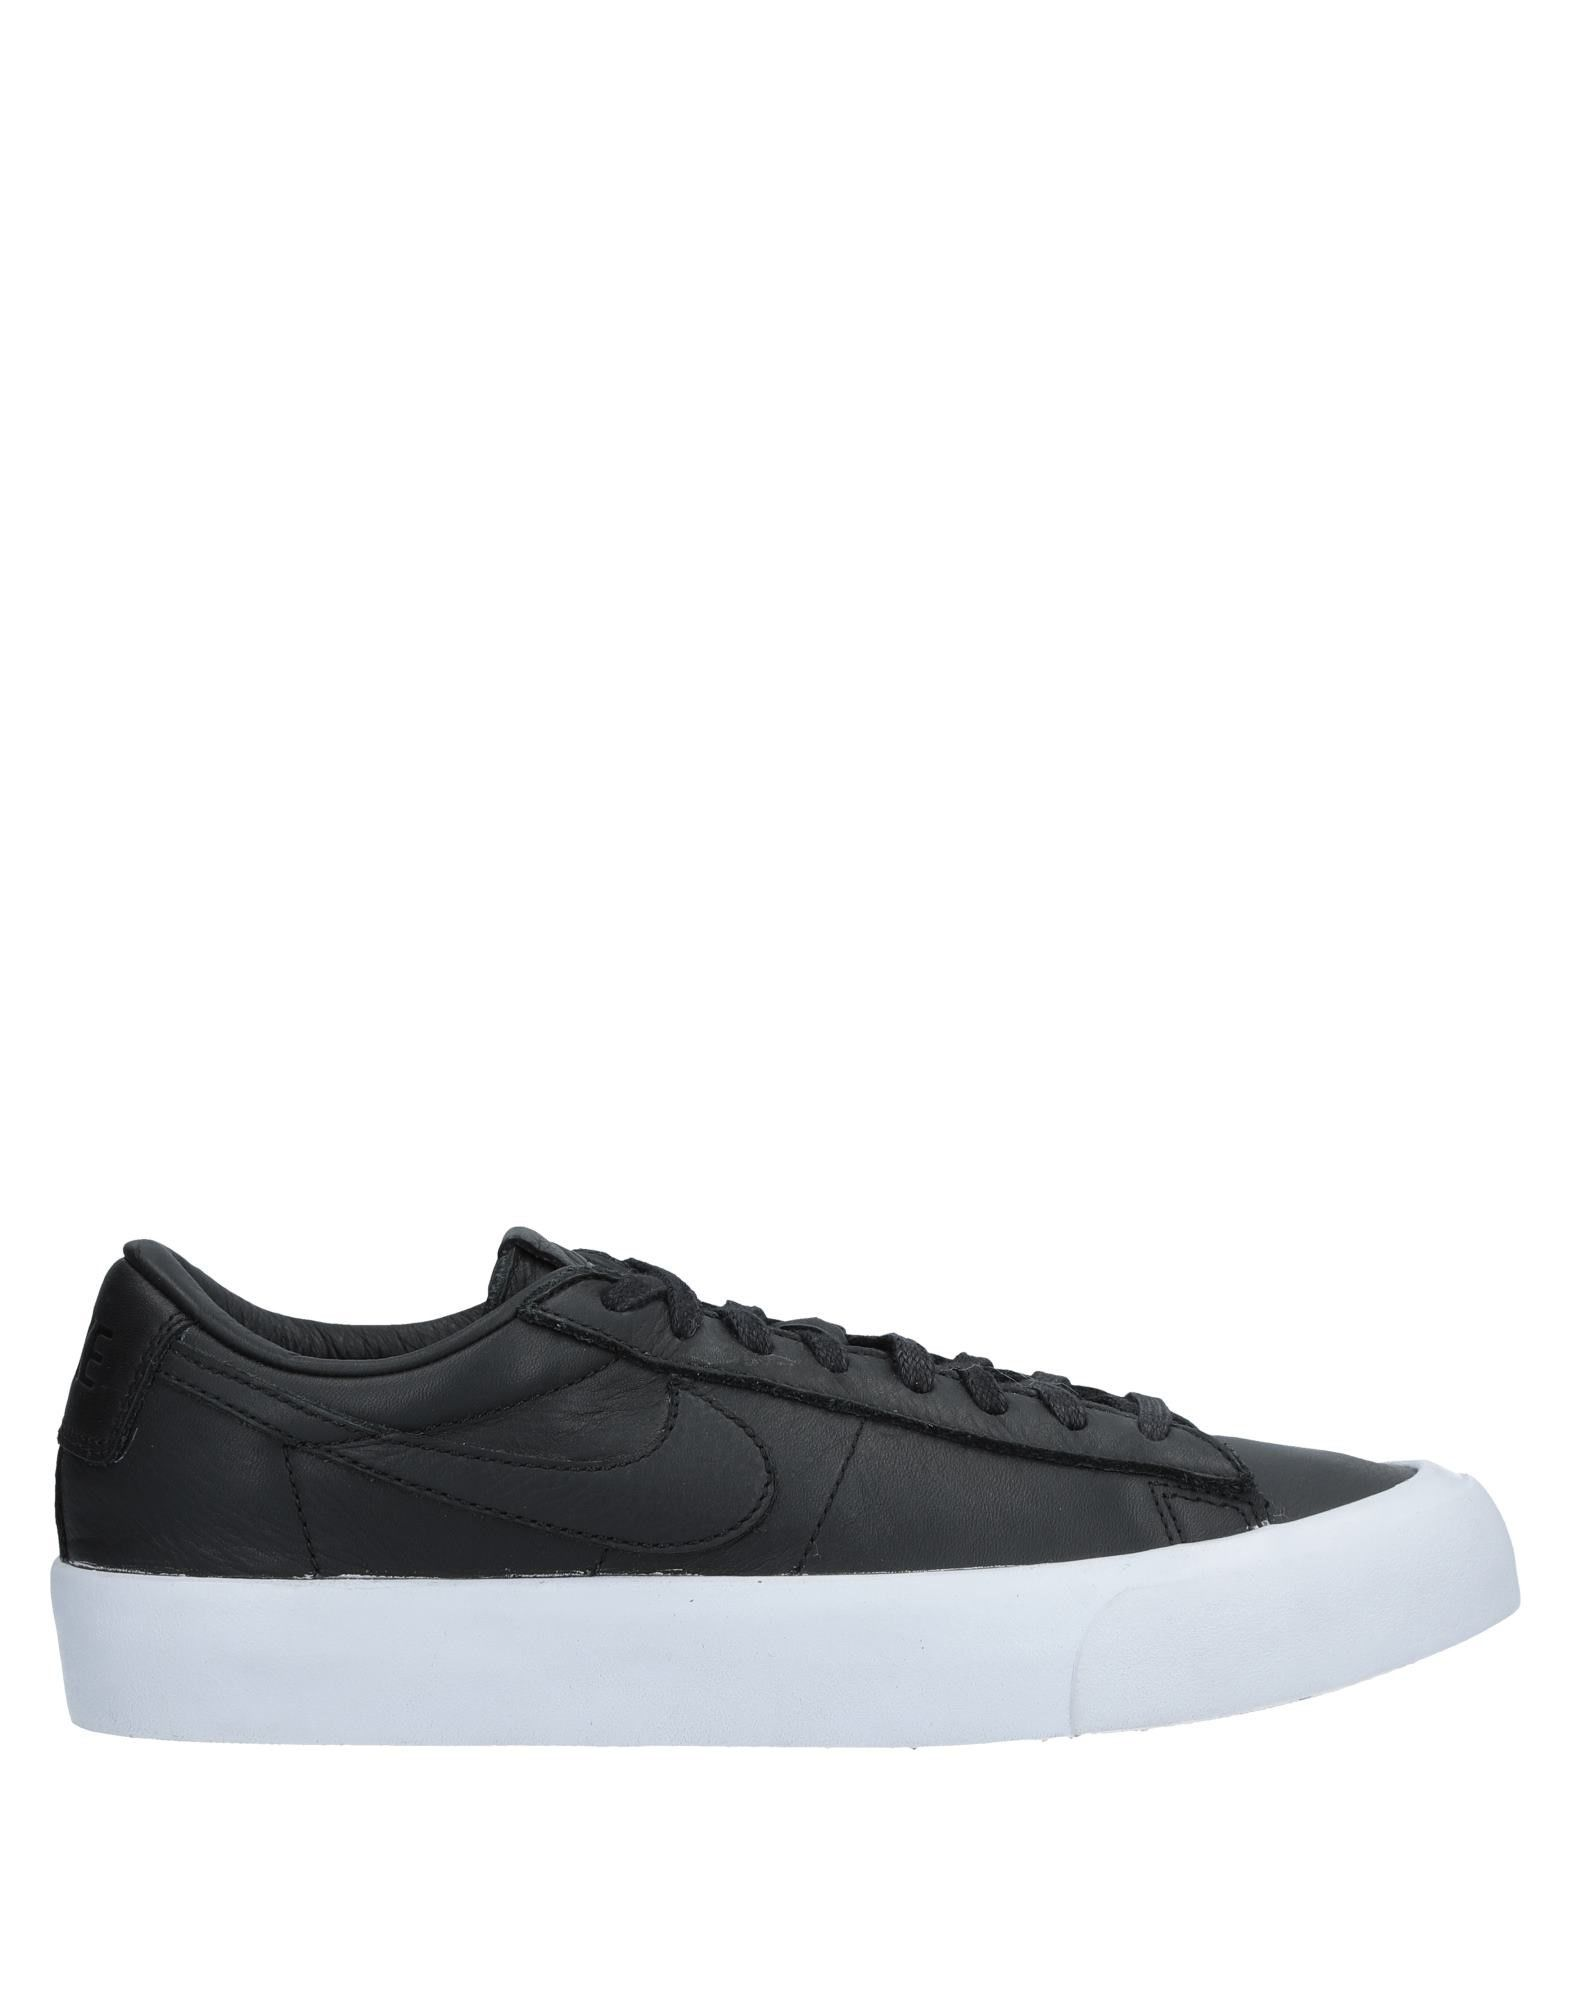 Moda Scarpe da Ginnastica - Nike Donna - Ginnastica 11529070AK a53250